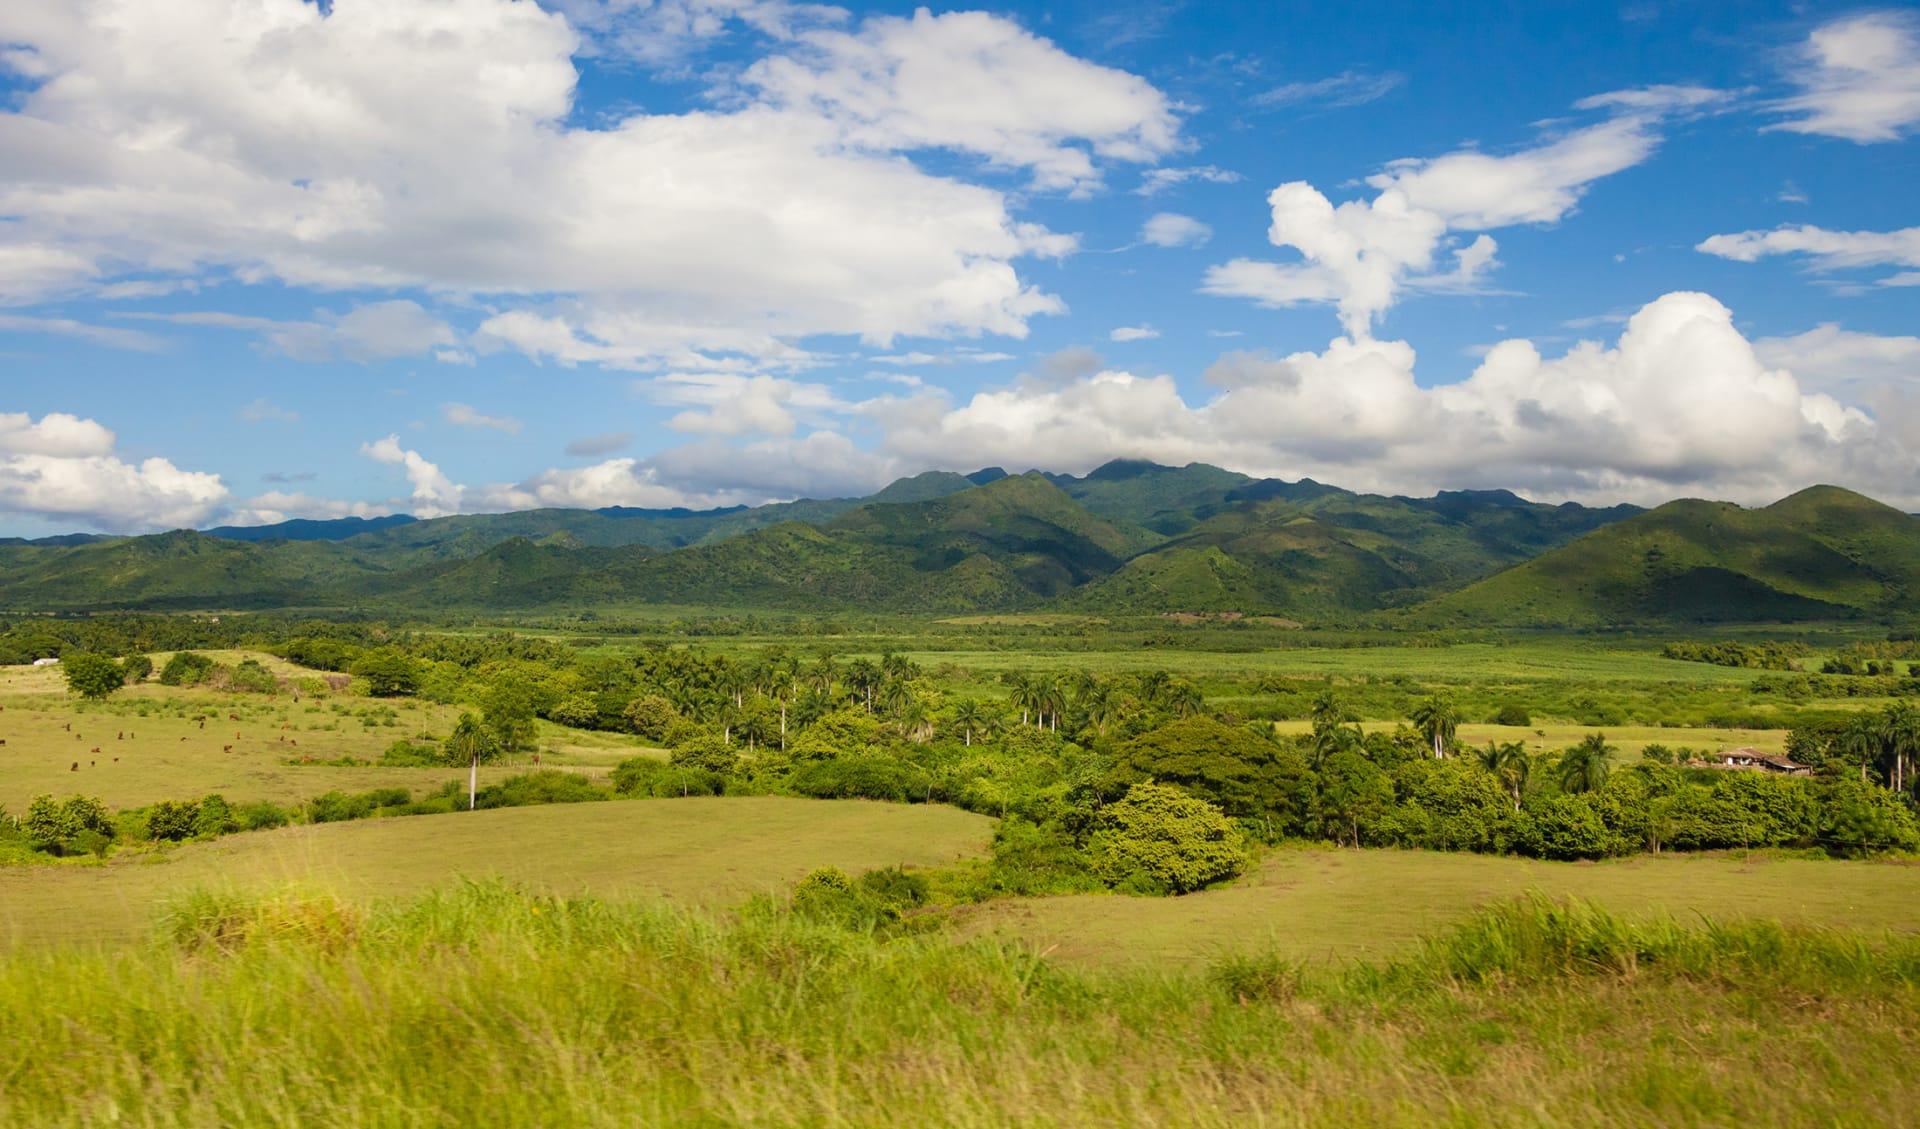 Cuba, Valle de Los Ingenios (Valley of the Sugar Mills)